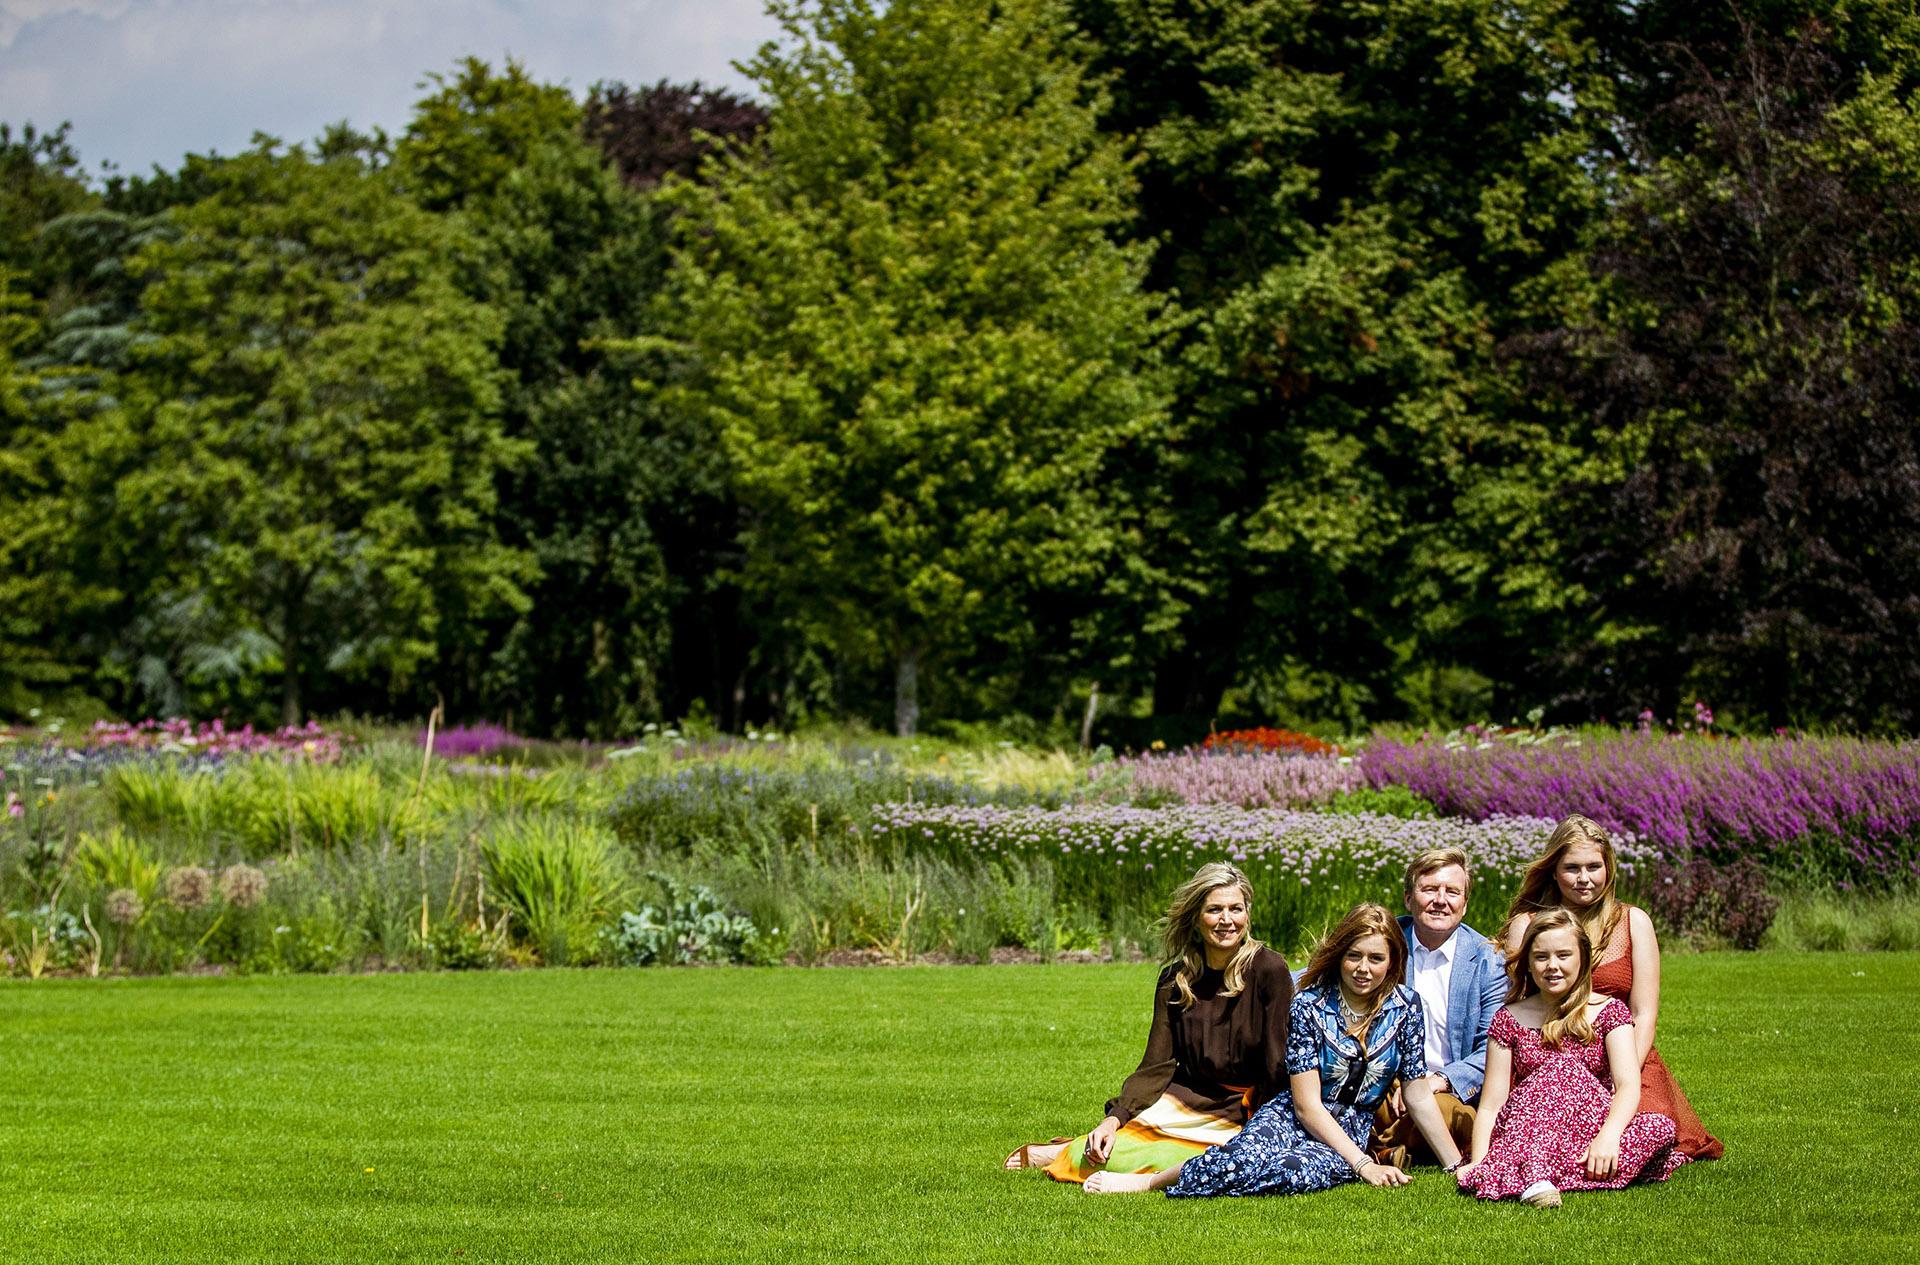 Los jardines que rodean el palacio presentan un diseño de parque tradicional de Holanda con flores, árboles y laguna